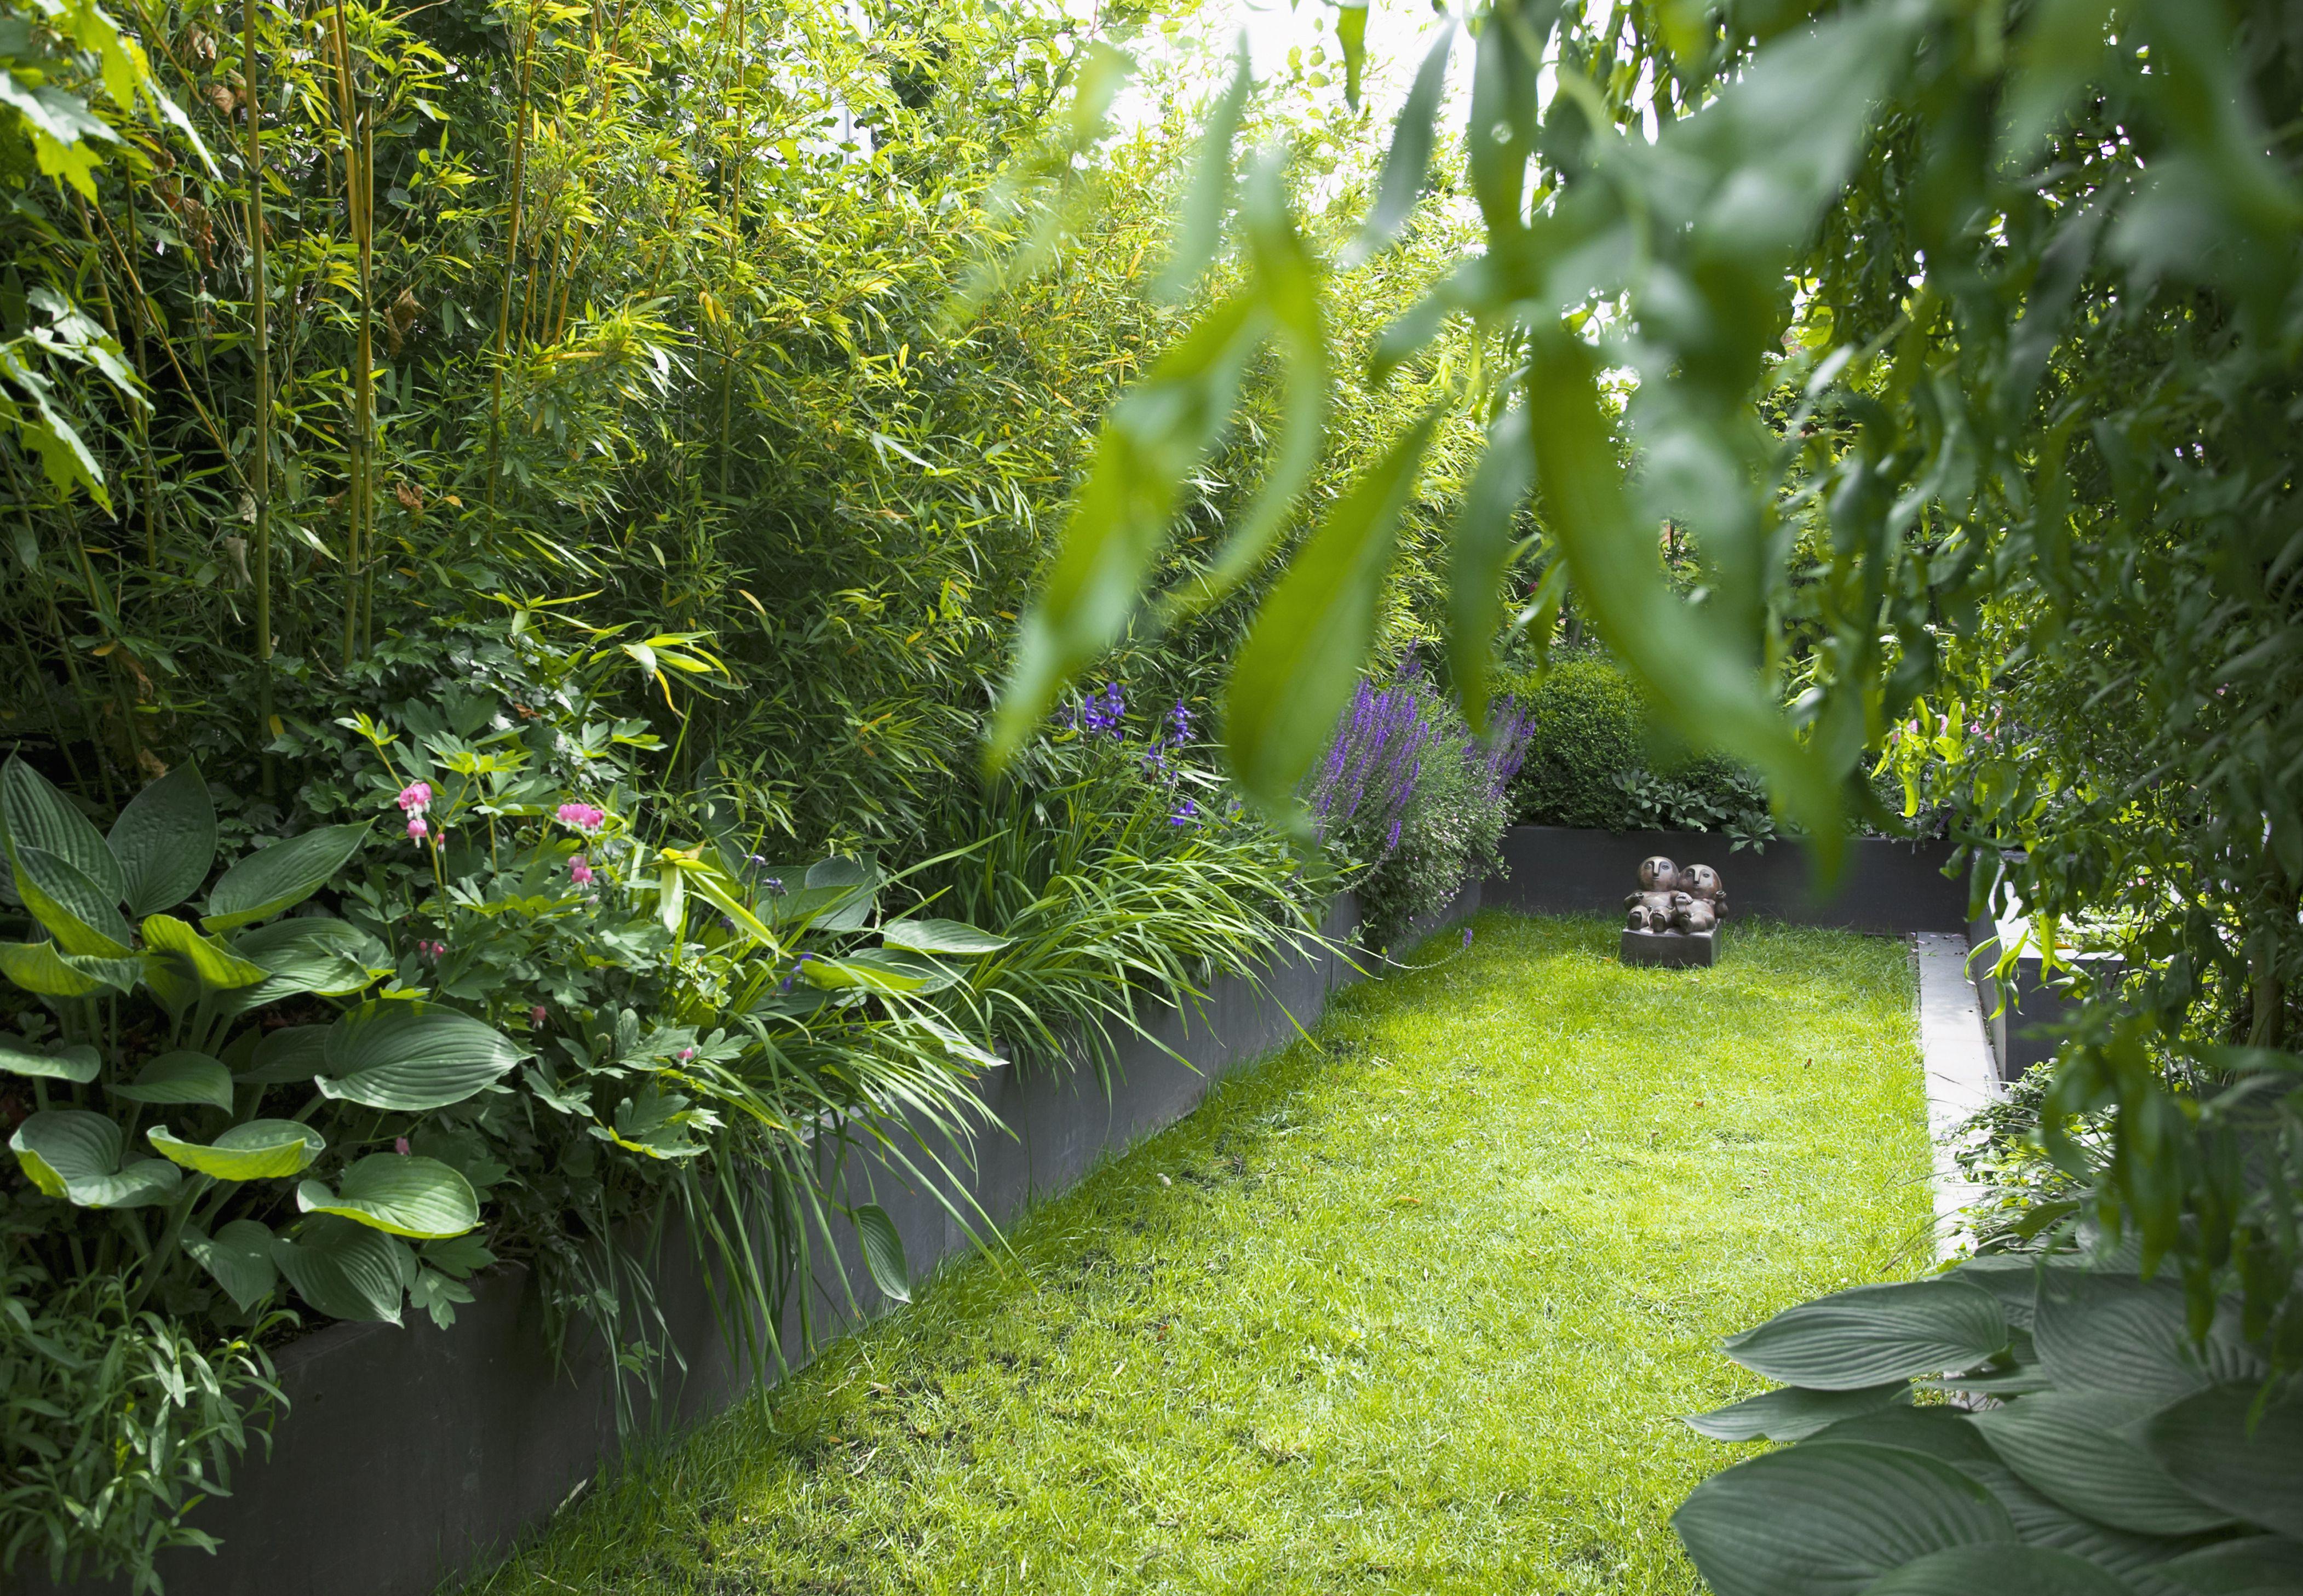 Un muro de privacidad de bambú y otras plantas tropicales